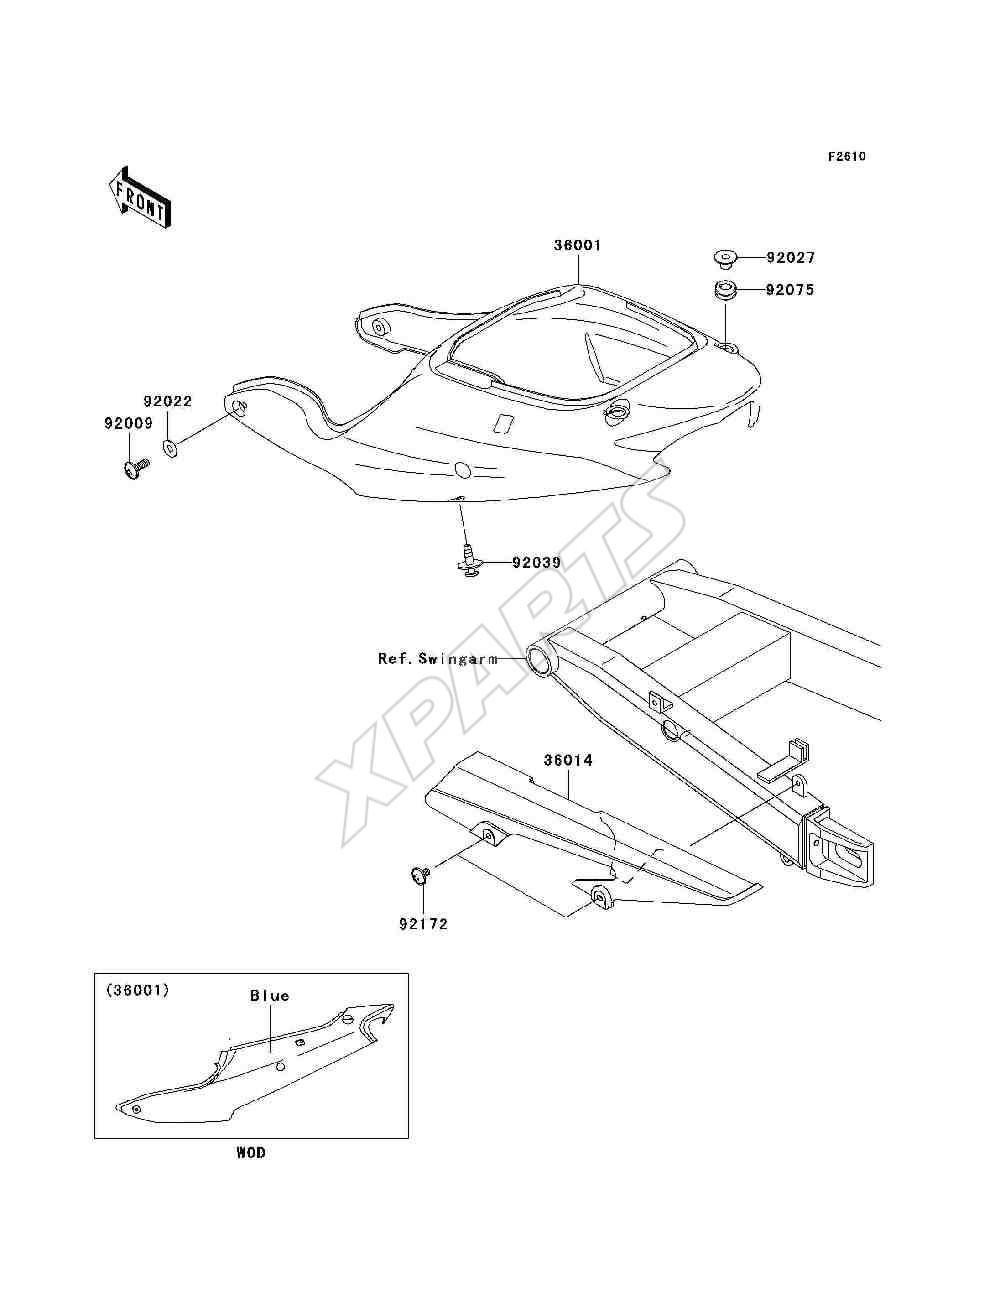 Wiring Diagram Zx600 J4 Page 3 And Schematics